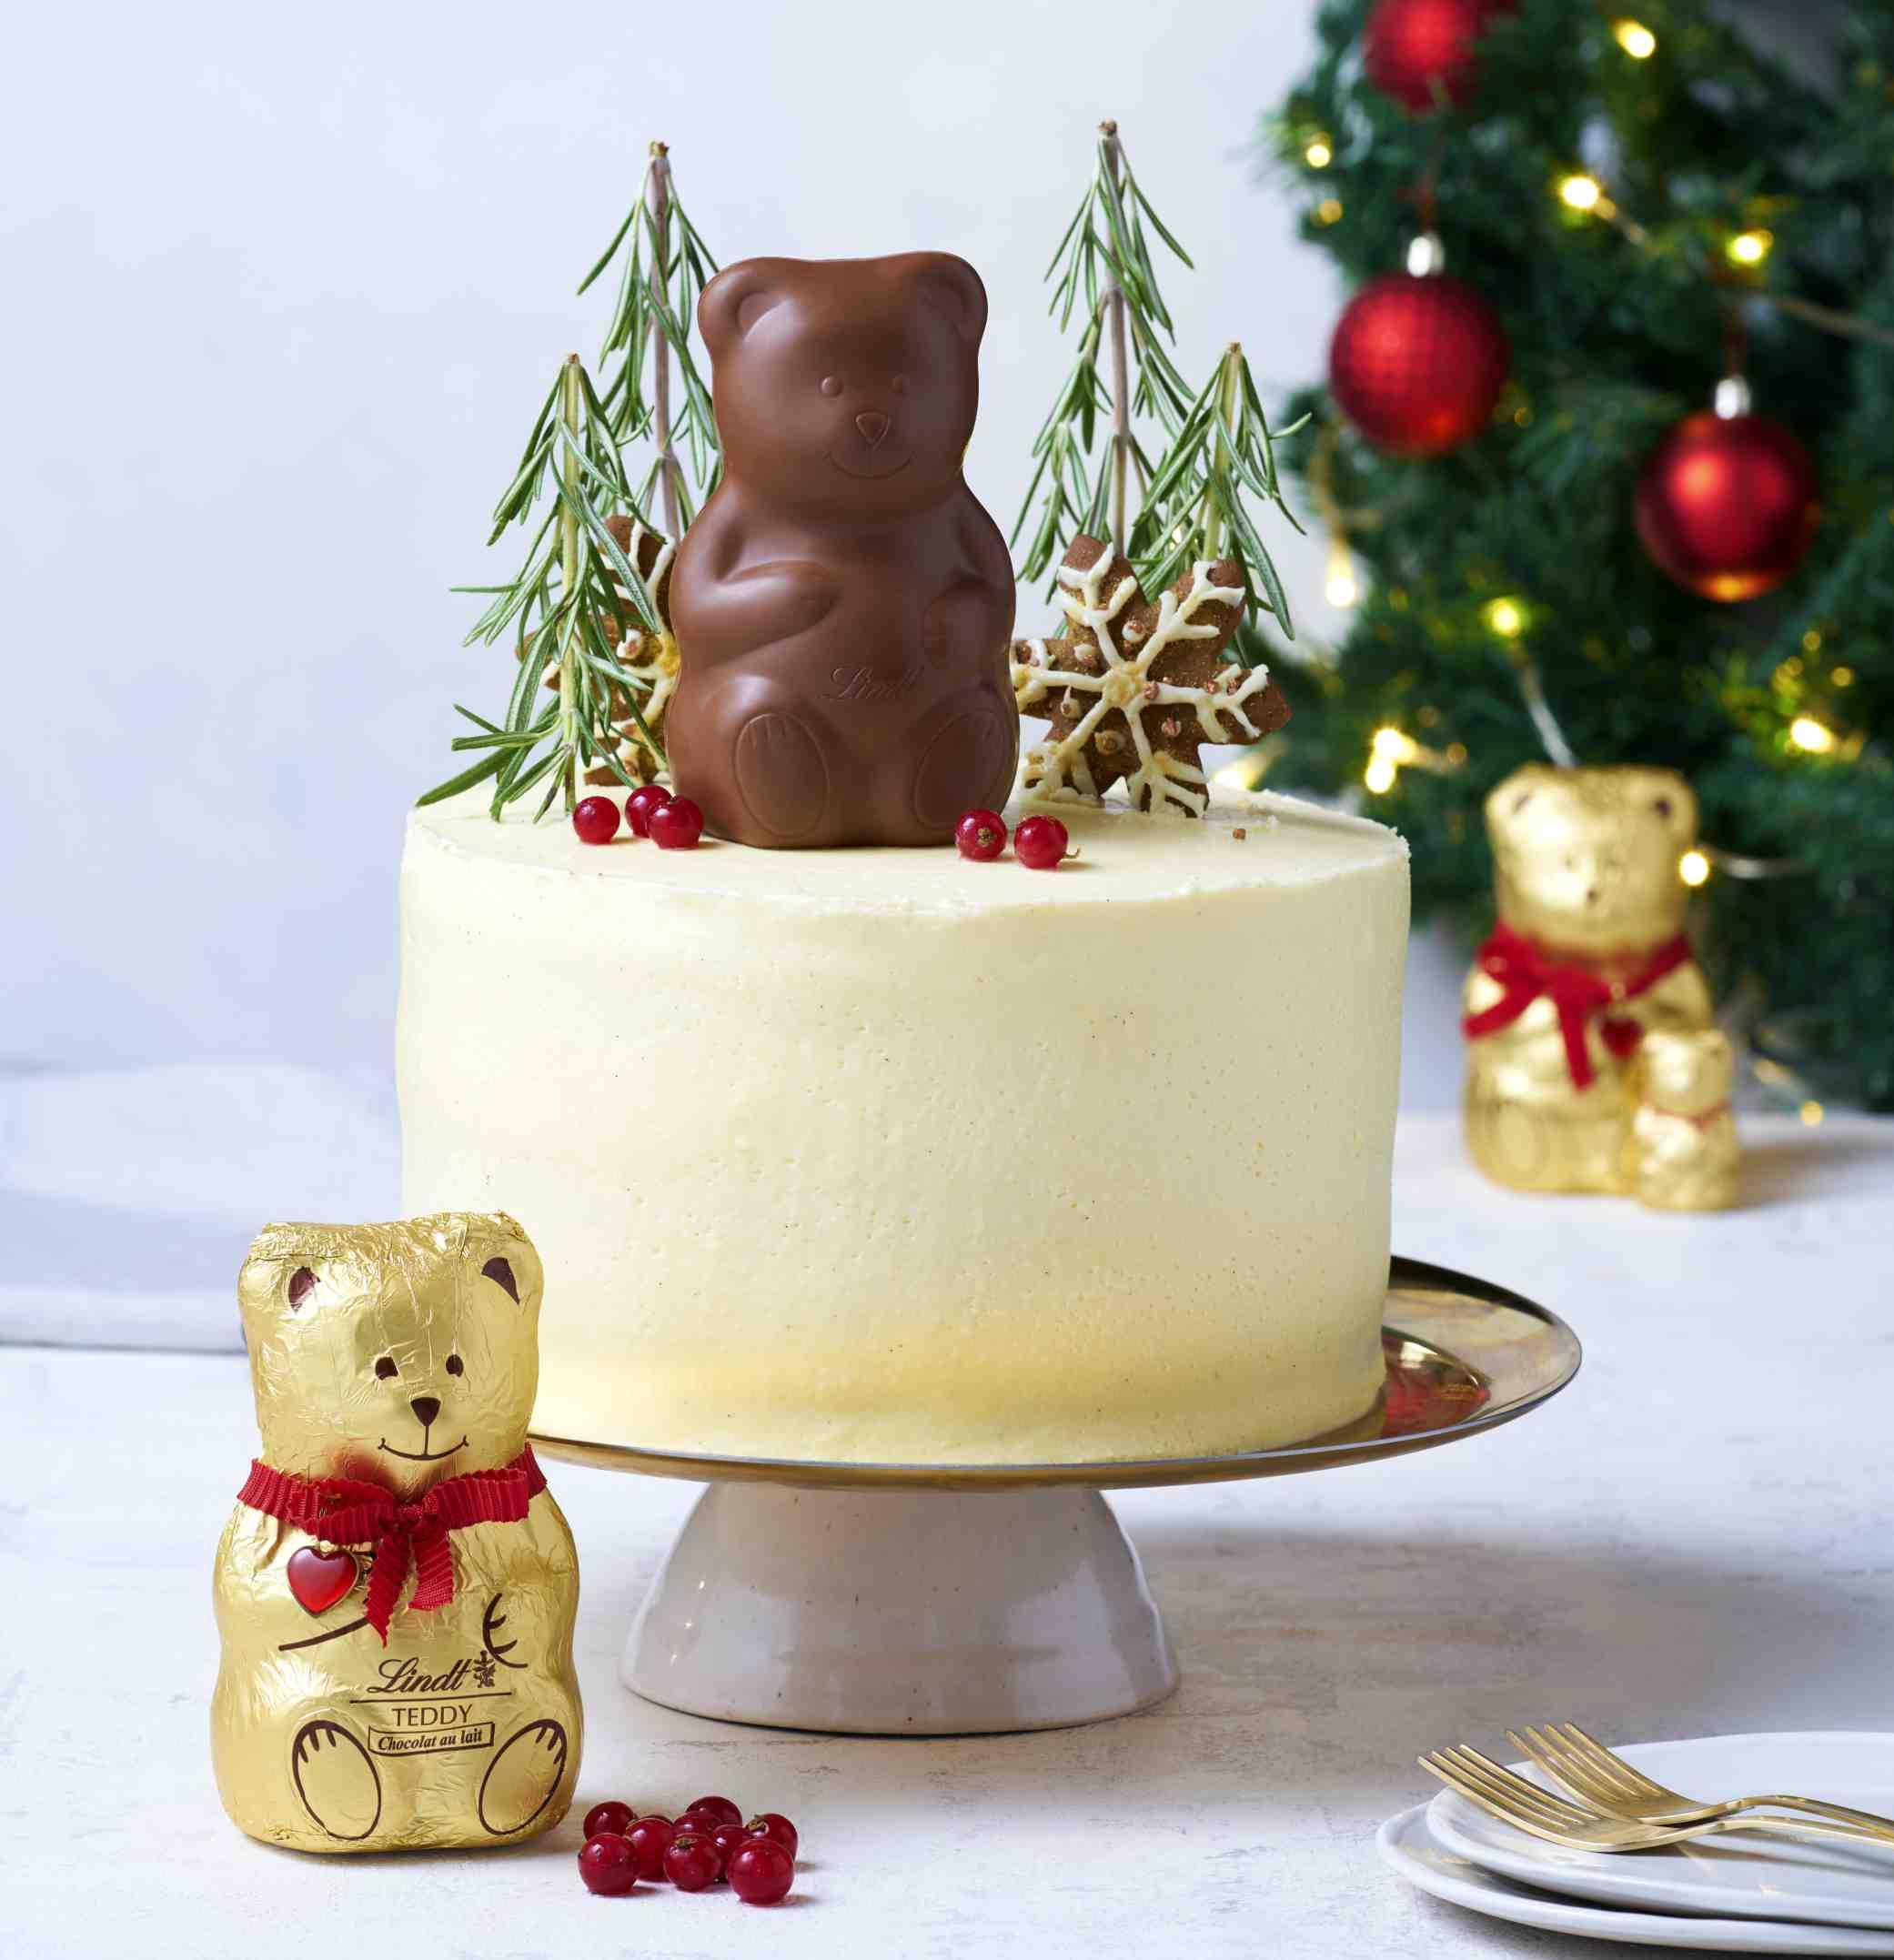 Vánoční perníkový dort skrémem zbílé čokolády